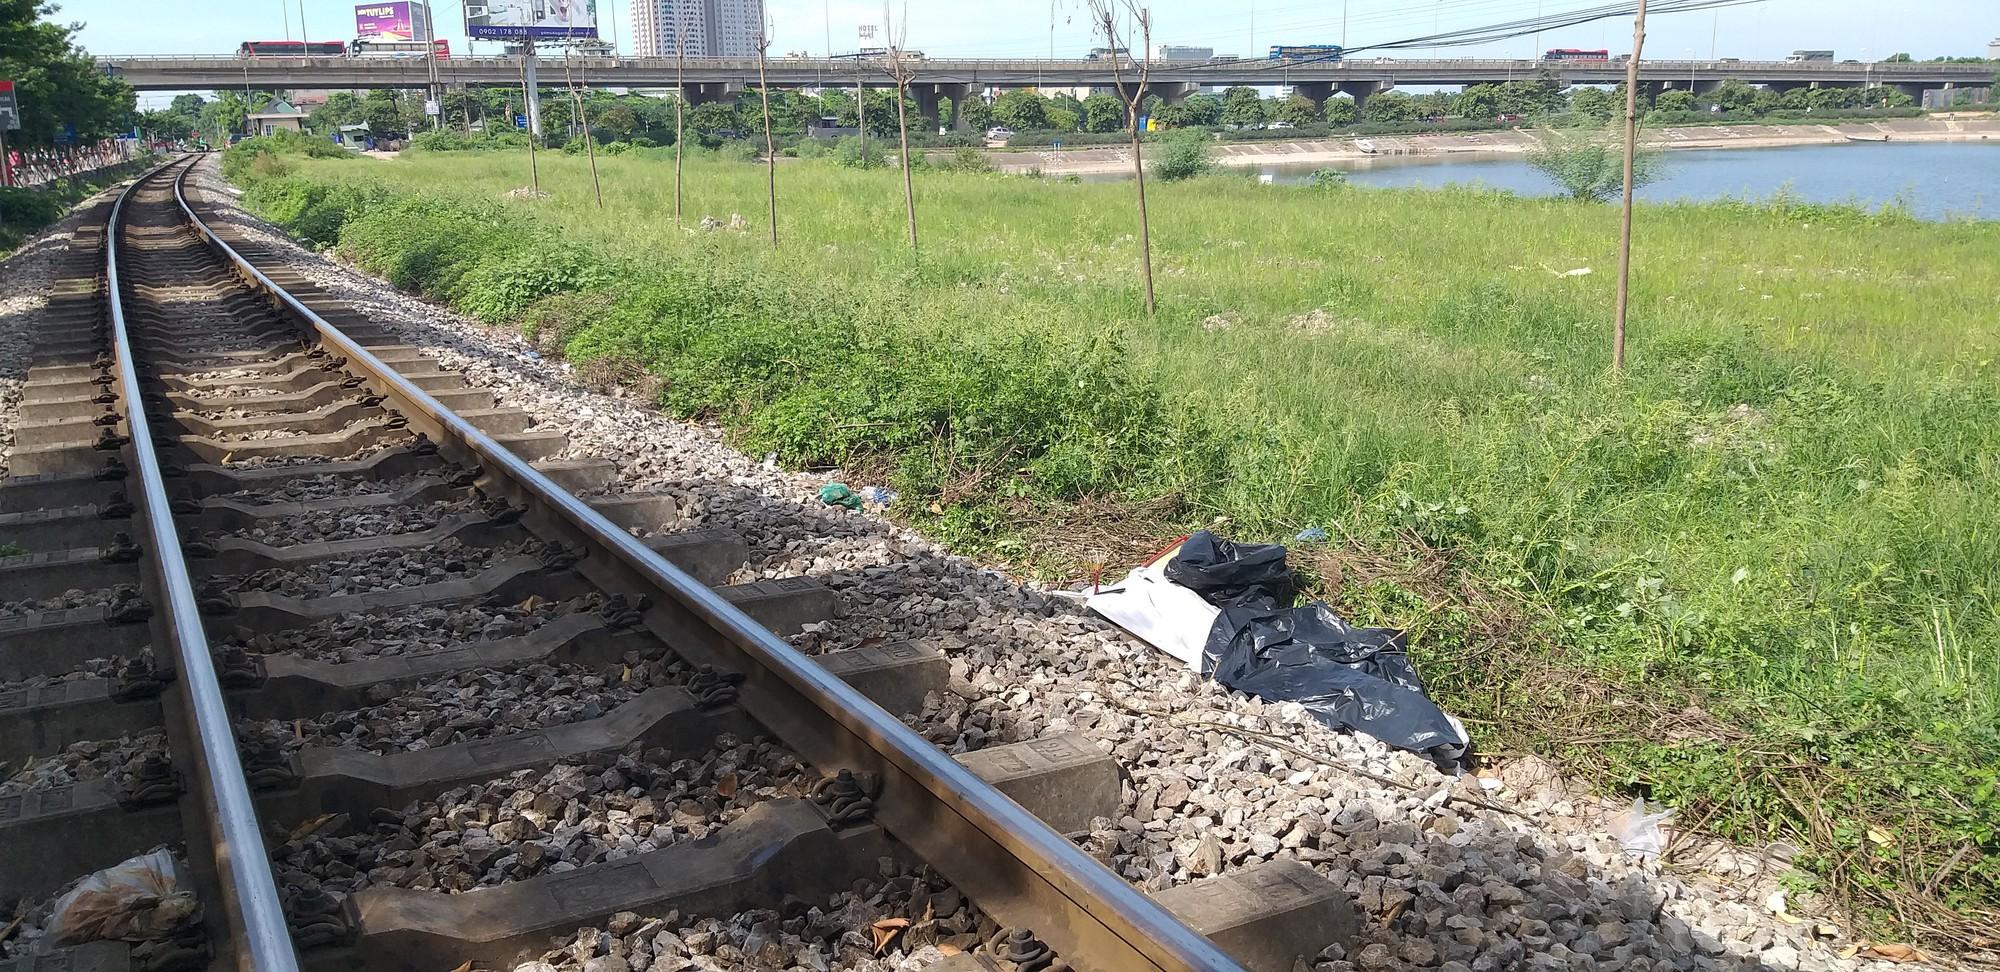 Nhân chứng kể lại lúc người đàn ông bị tàu hỏa tông chết: Tôi kêu mà không nghe, ổng ngồi sát đường tàu để đi vệ sinh-5